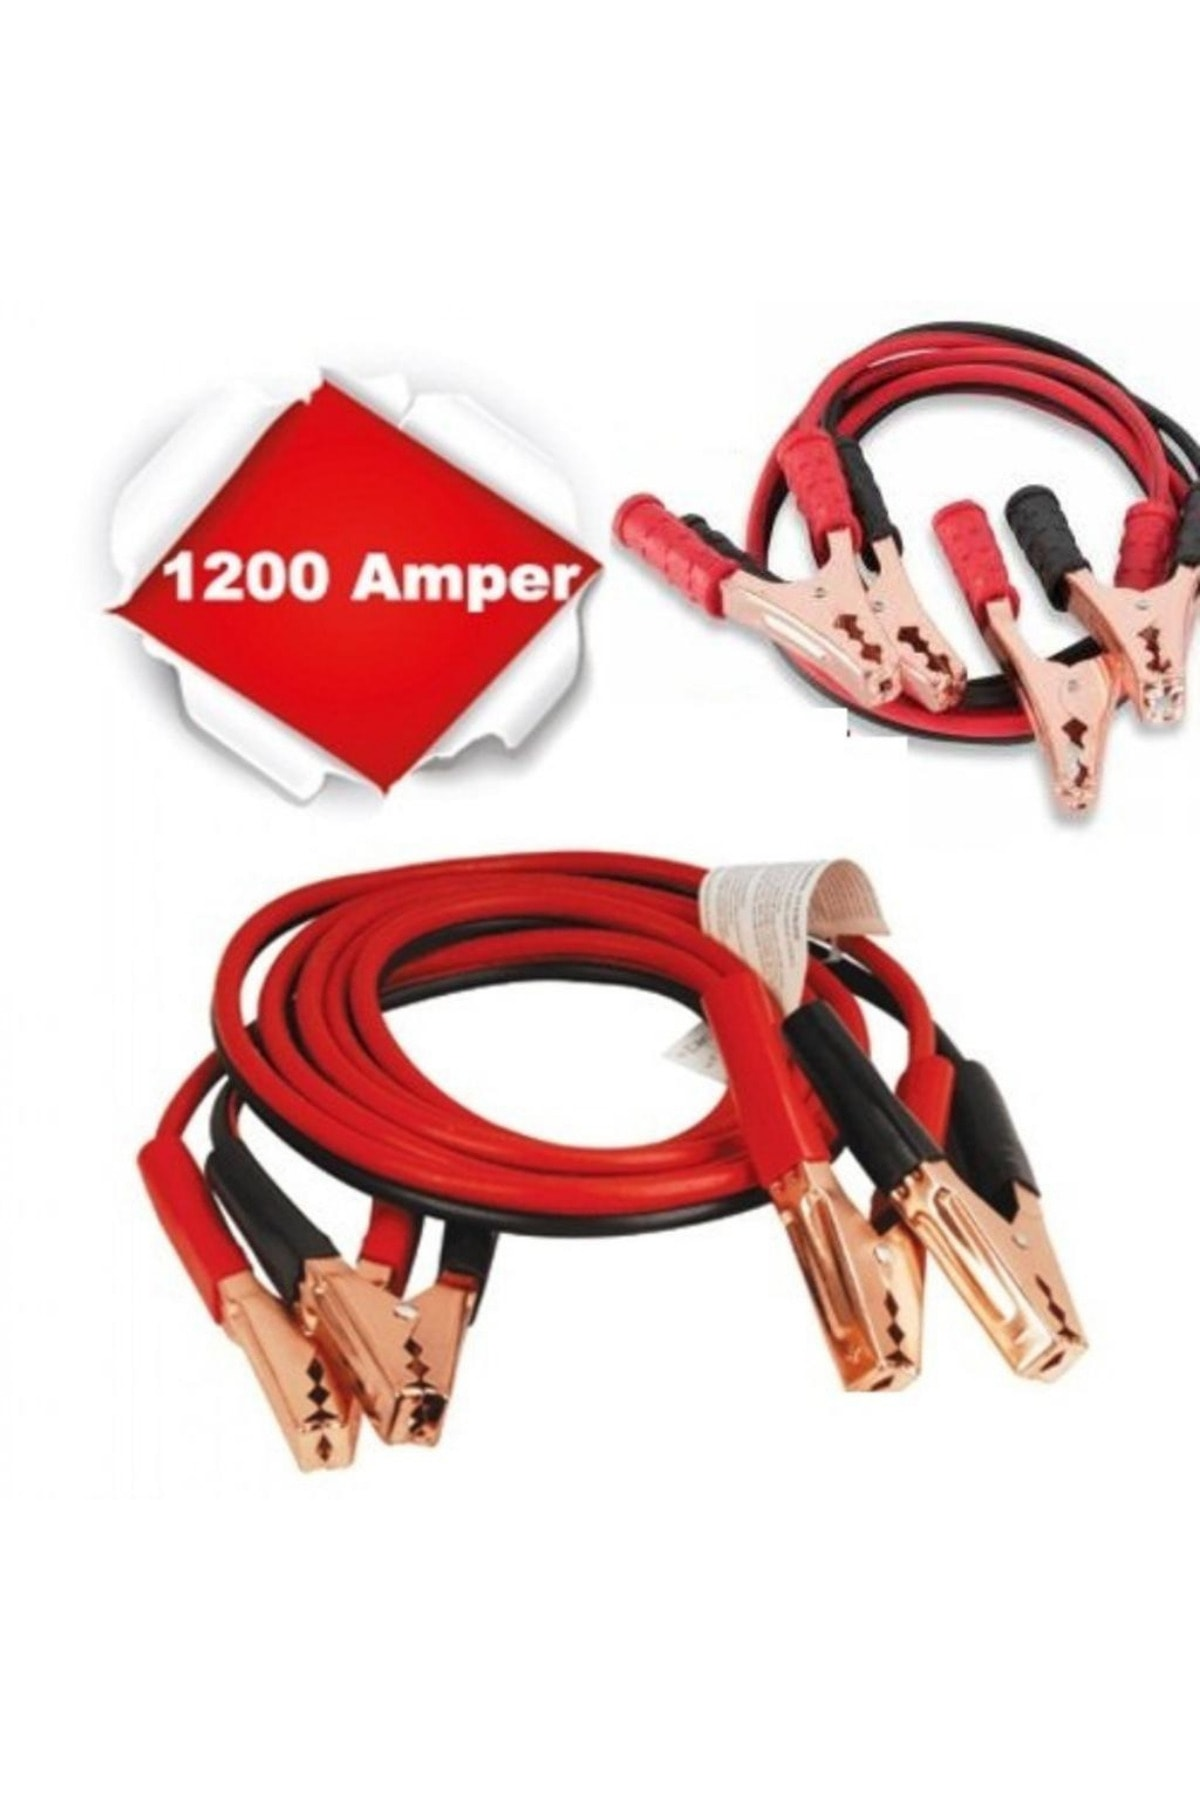 DRK EKSPRES 1200 Amper Akü Takviye Kablosu 2.5 Metre Bakır Akü Takviye Cihazı 2